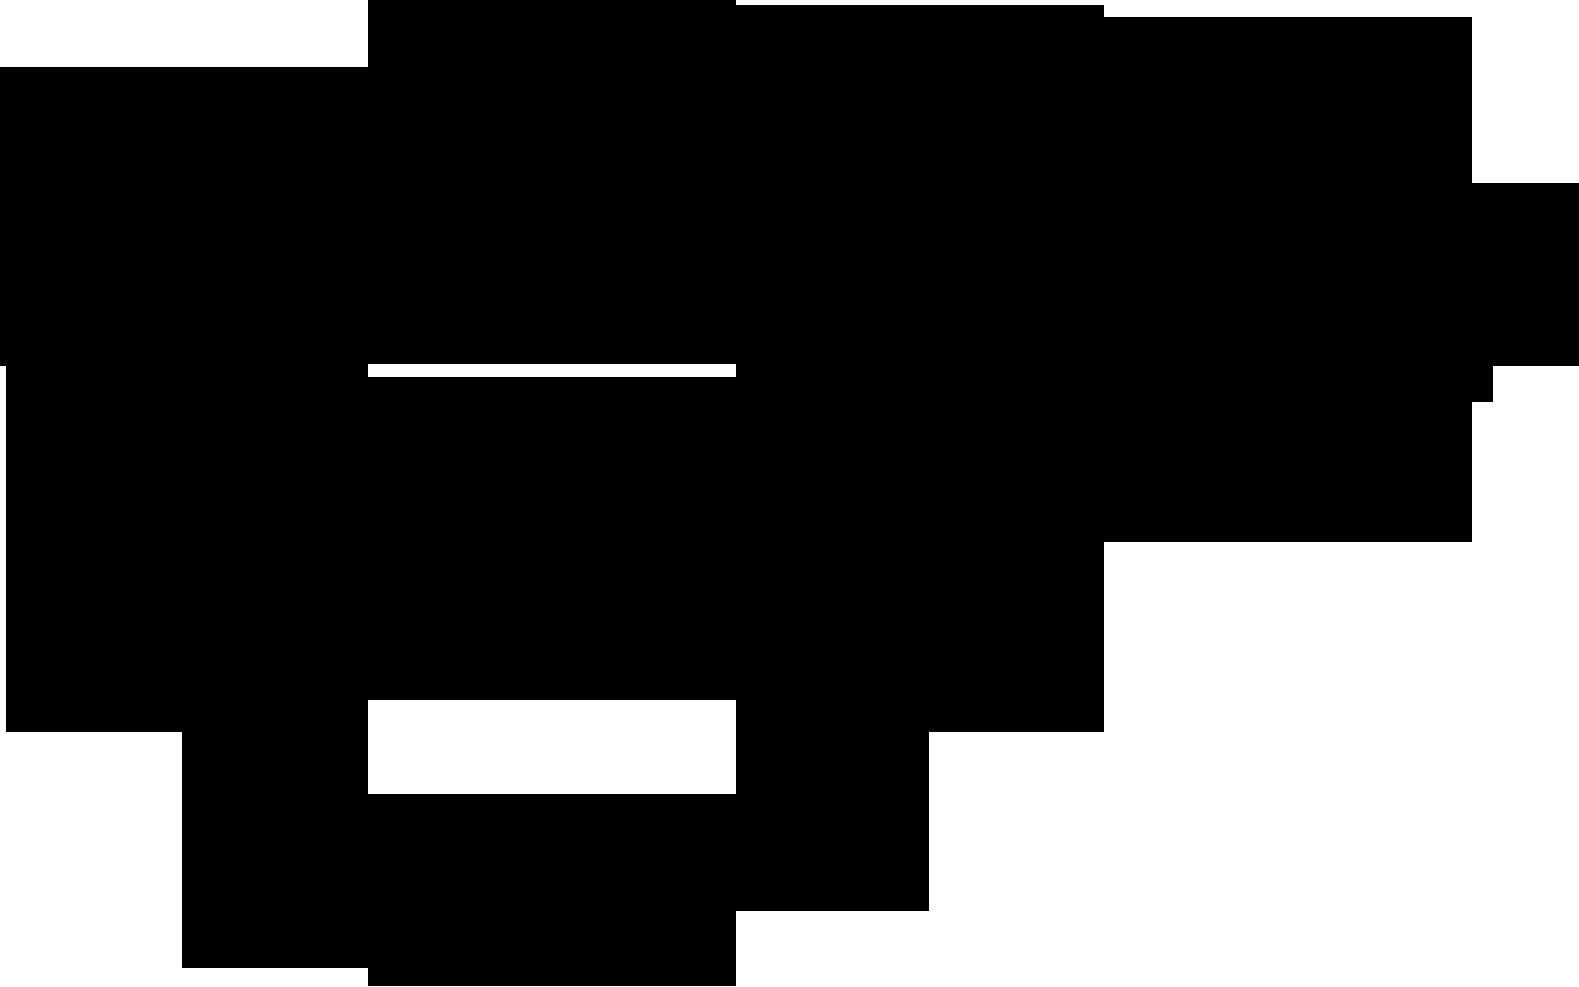 Elementos De Union Portal De Dibujo Tecnico